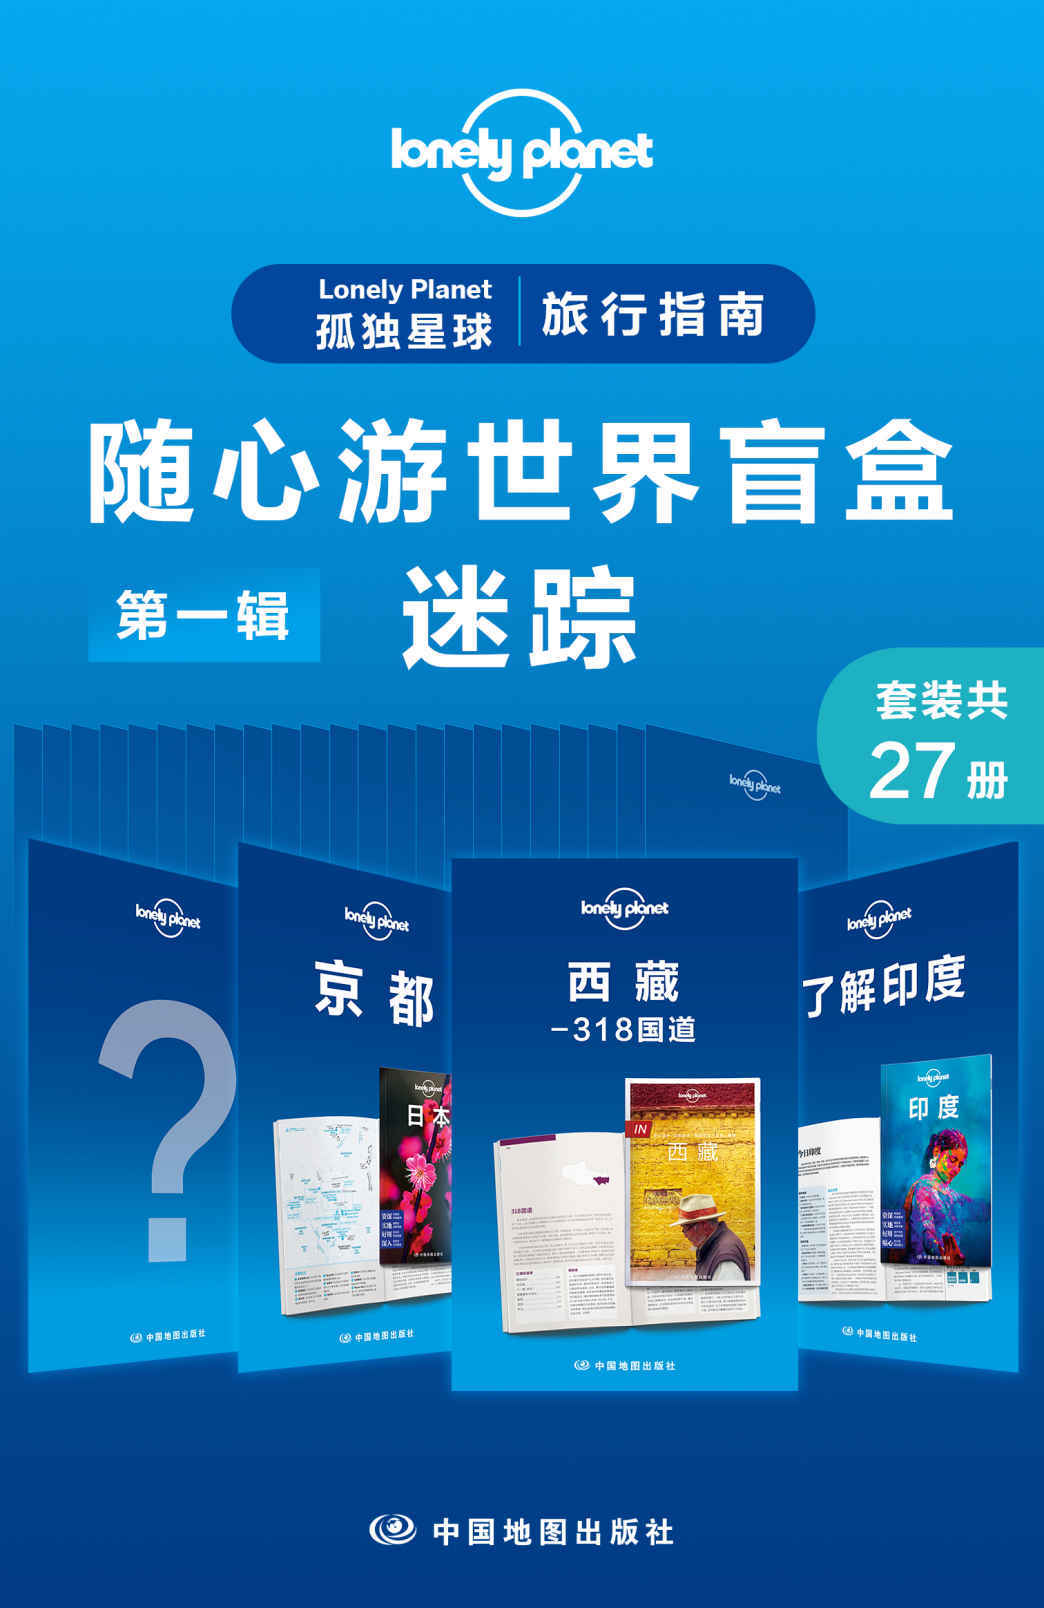 Lonely Planet 孤独星球旅行指南:随心游世界盲盒第一辑-迷踪(共27册)pdf-epub-mobi-txt-azw3